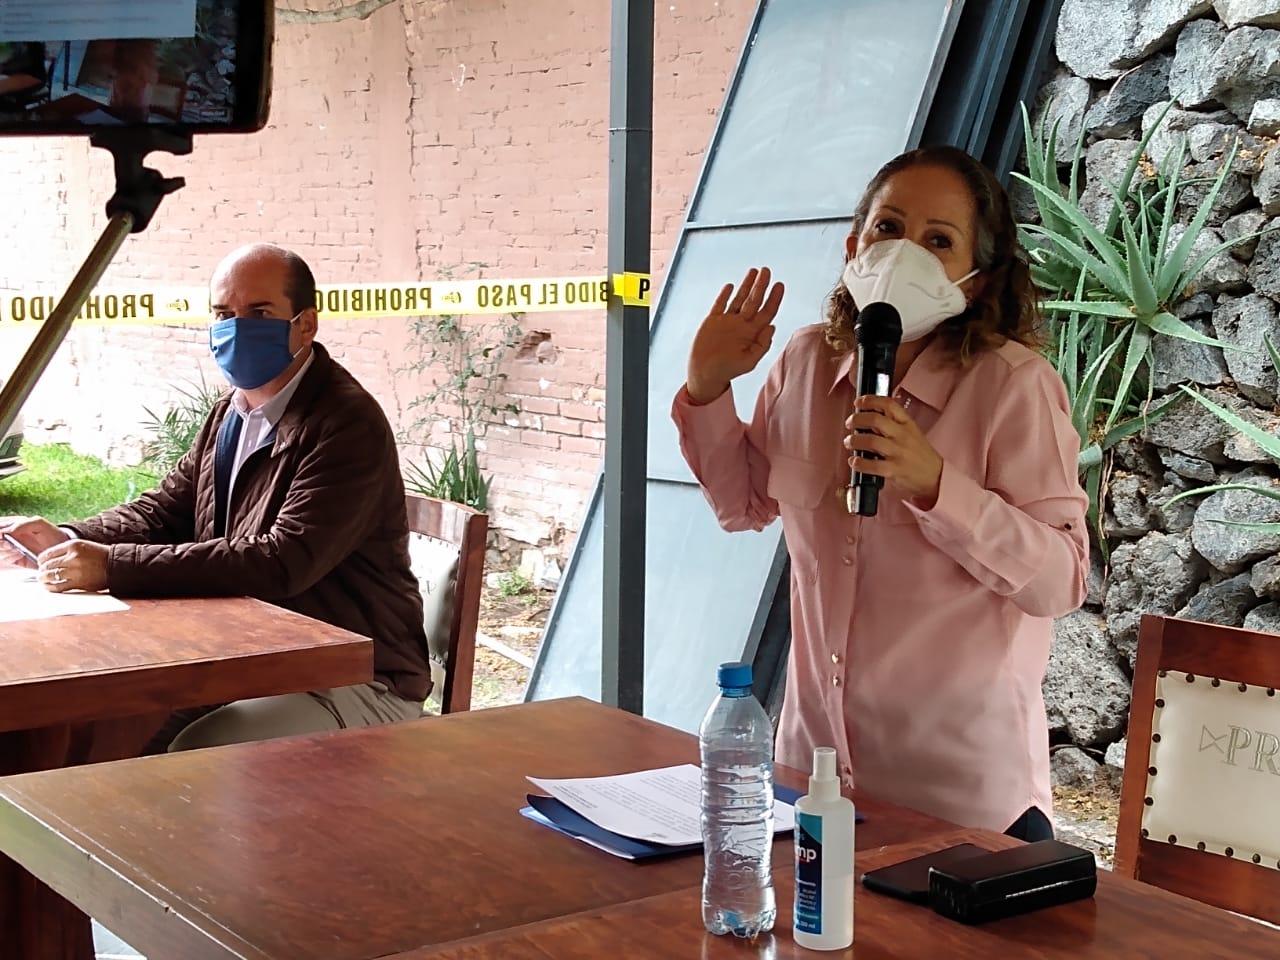 Diputada Garci-Crespo se pronuncia por revocación de mandato para Tehuacán